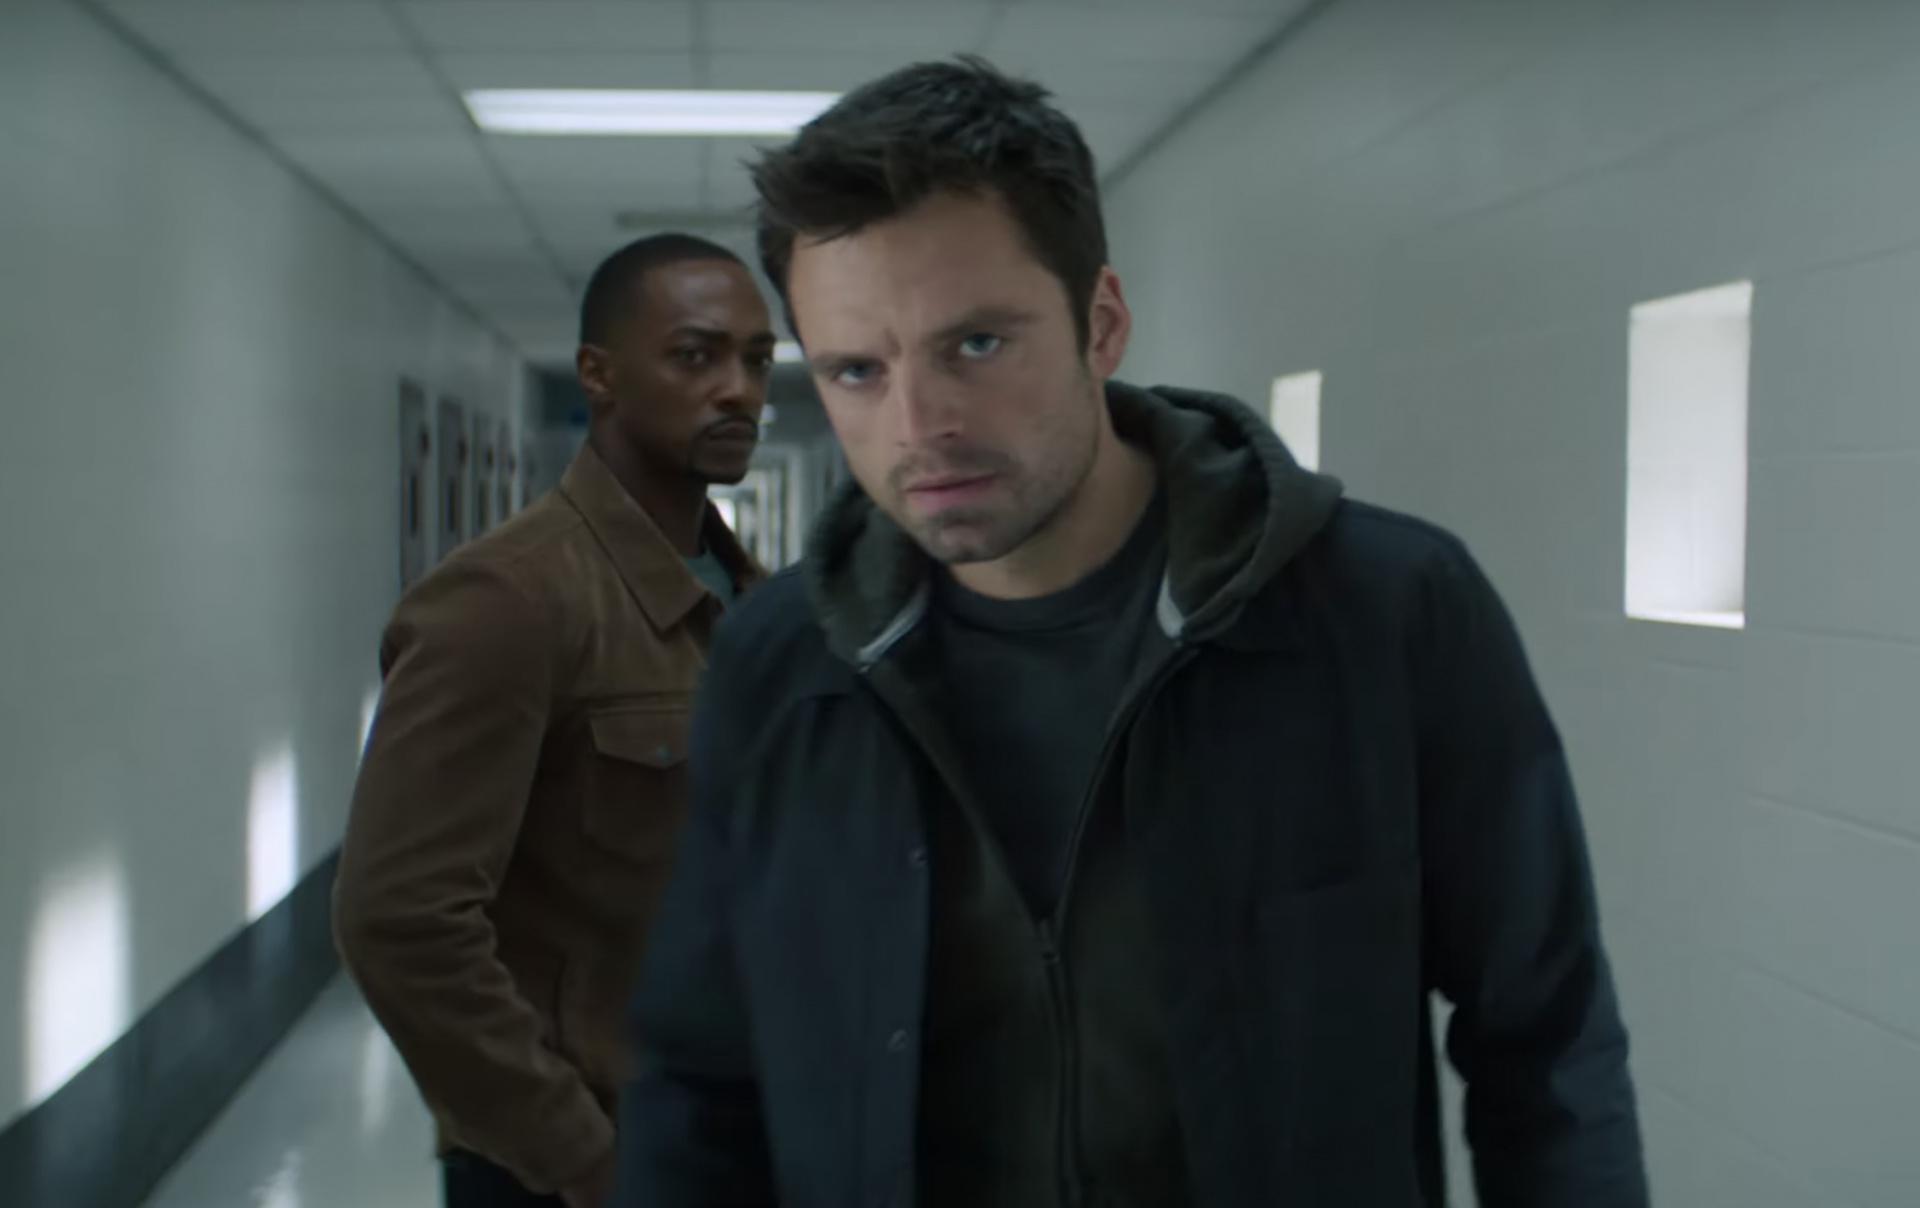 В «Соколе и Зимнем солдате» вернут персонажей Marvel из первых фильмов